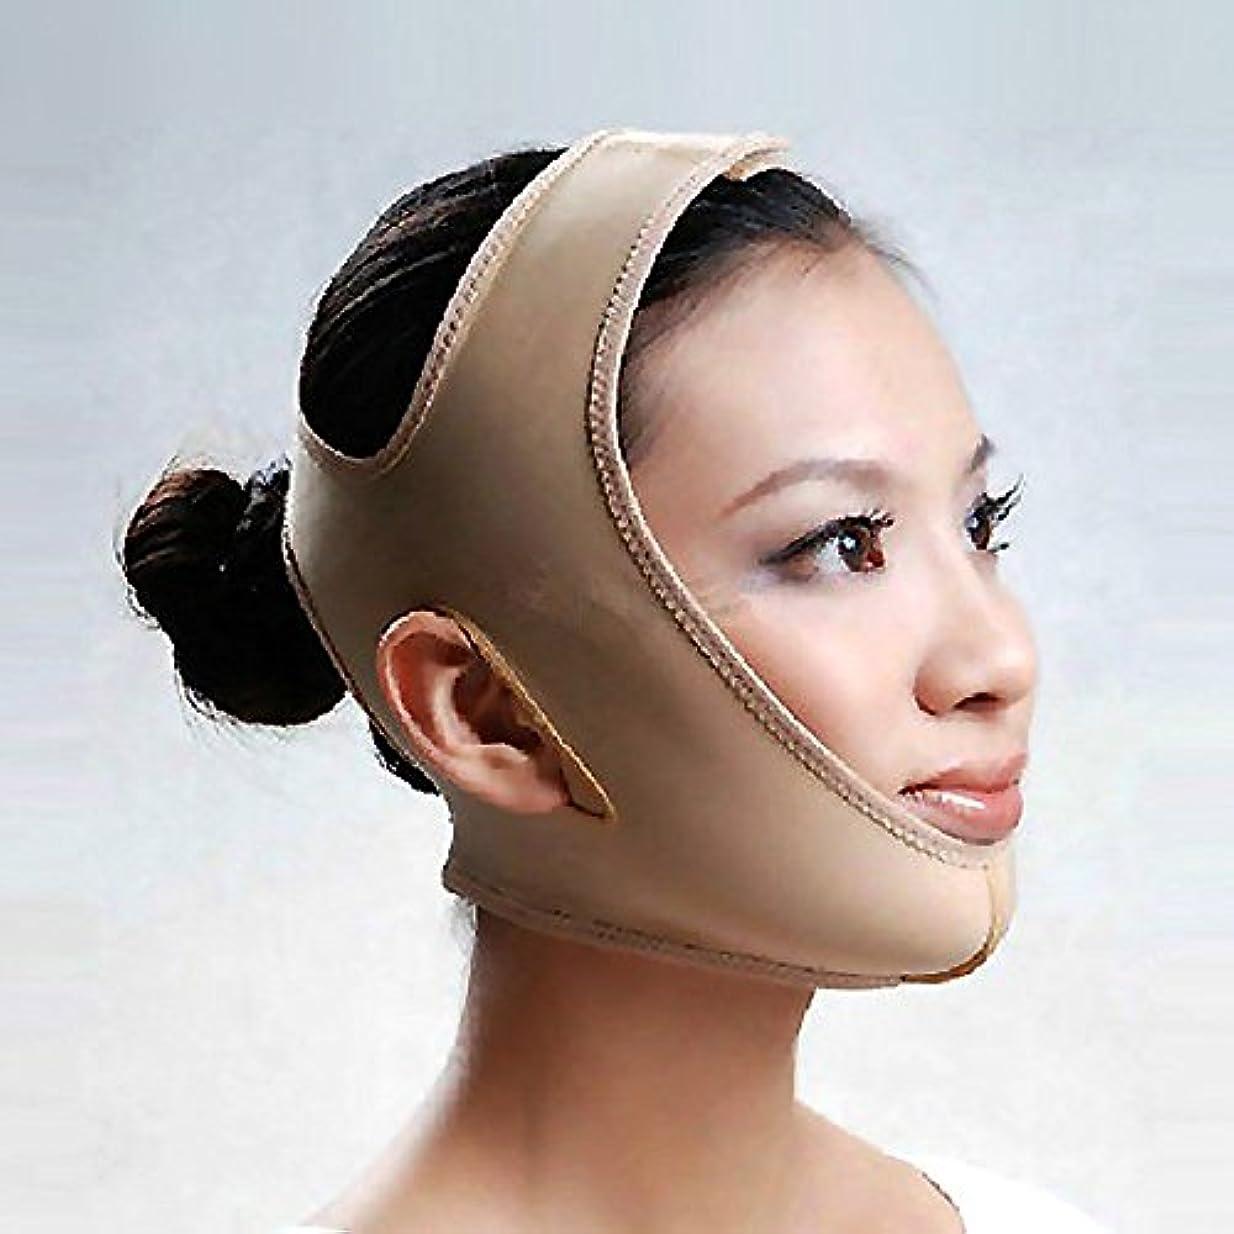 くすぐったいアドバンテージ壮大MakeupAccフェイスラインベルト M/L/XLサイズ 抗シワ 額、顎下、頬リフトアップ 小顔 美顔 頬のたるみ 引き上げマスク(ベージュ)【並行輸入品】 (L)